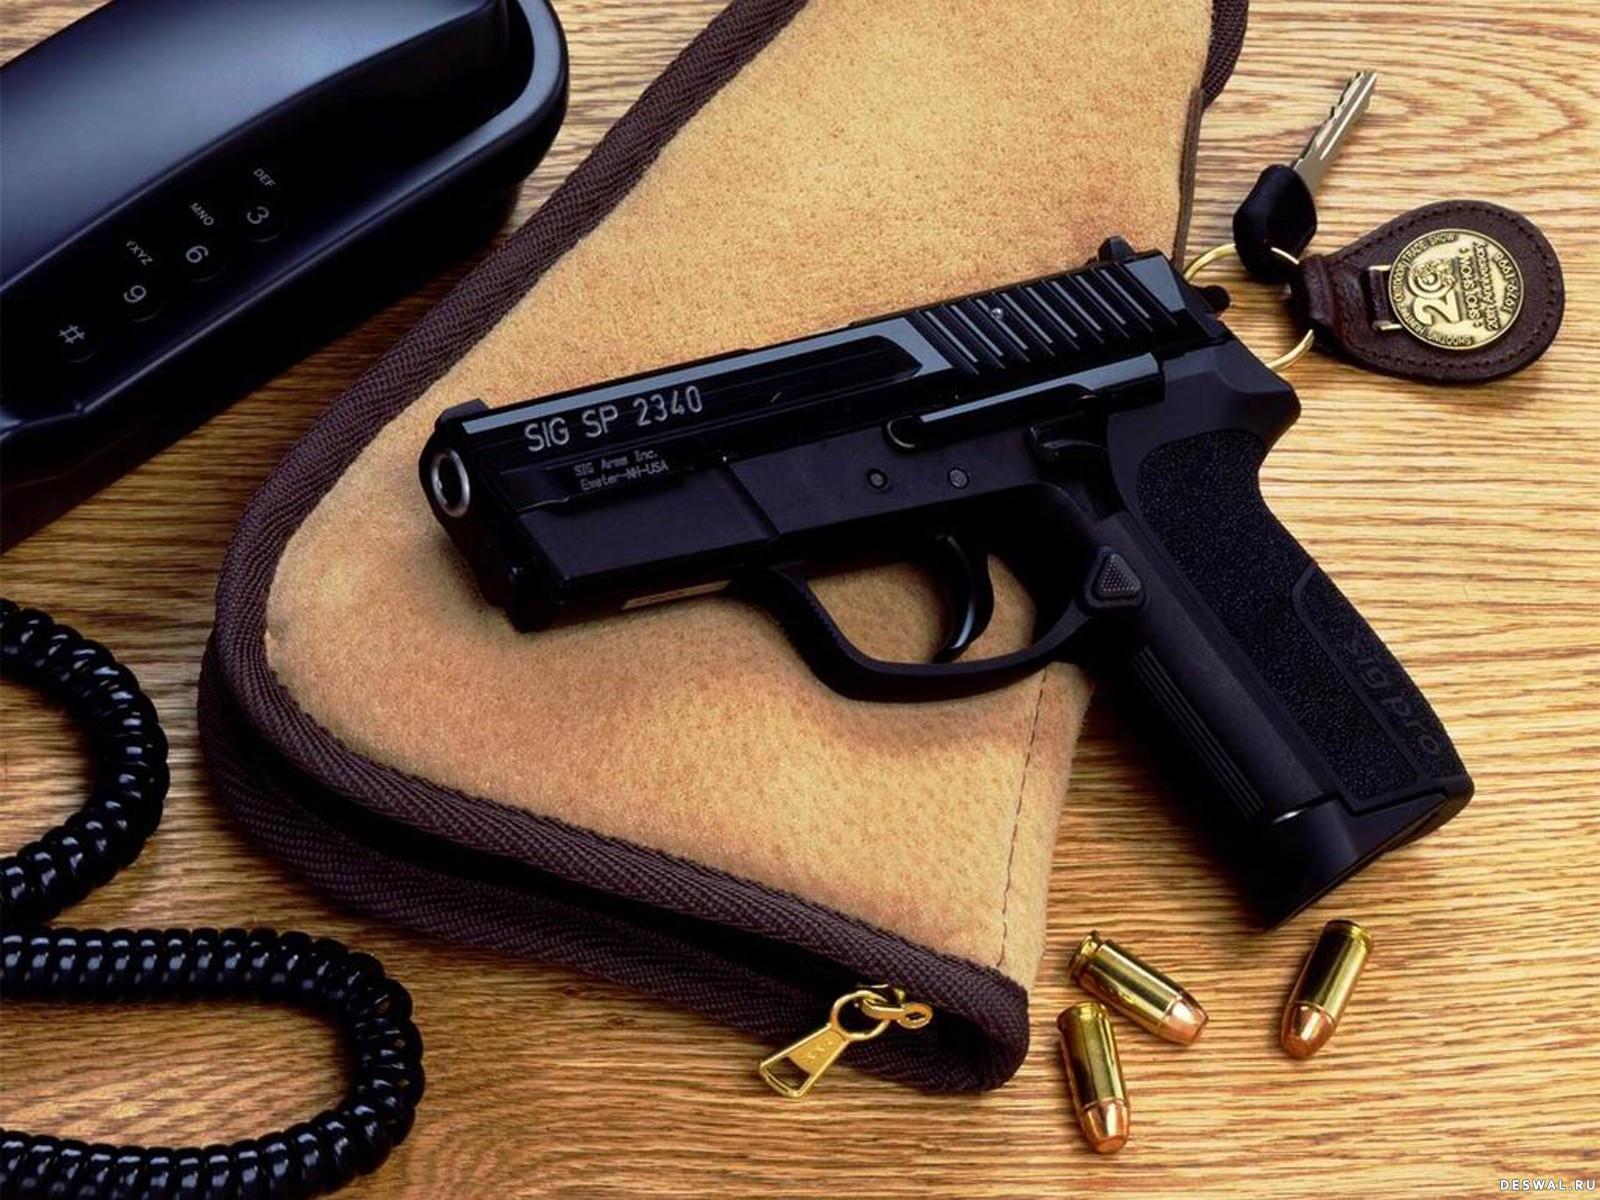 Фото 27. Нажмите на картинку с обоями оружия, чтобы просмотреть ее в реальном размере